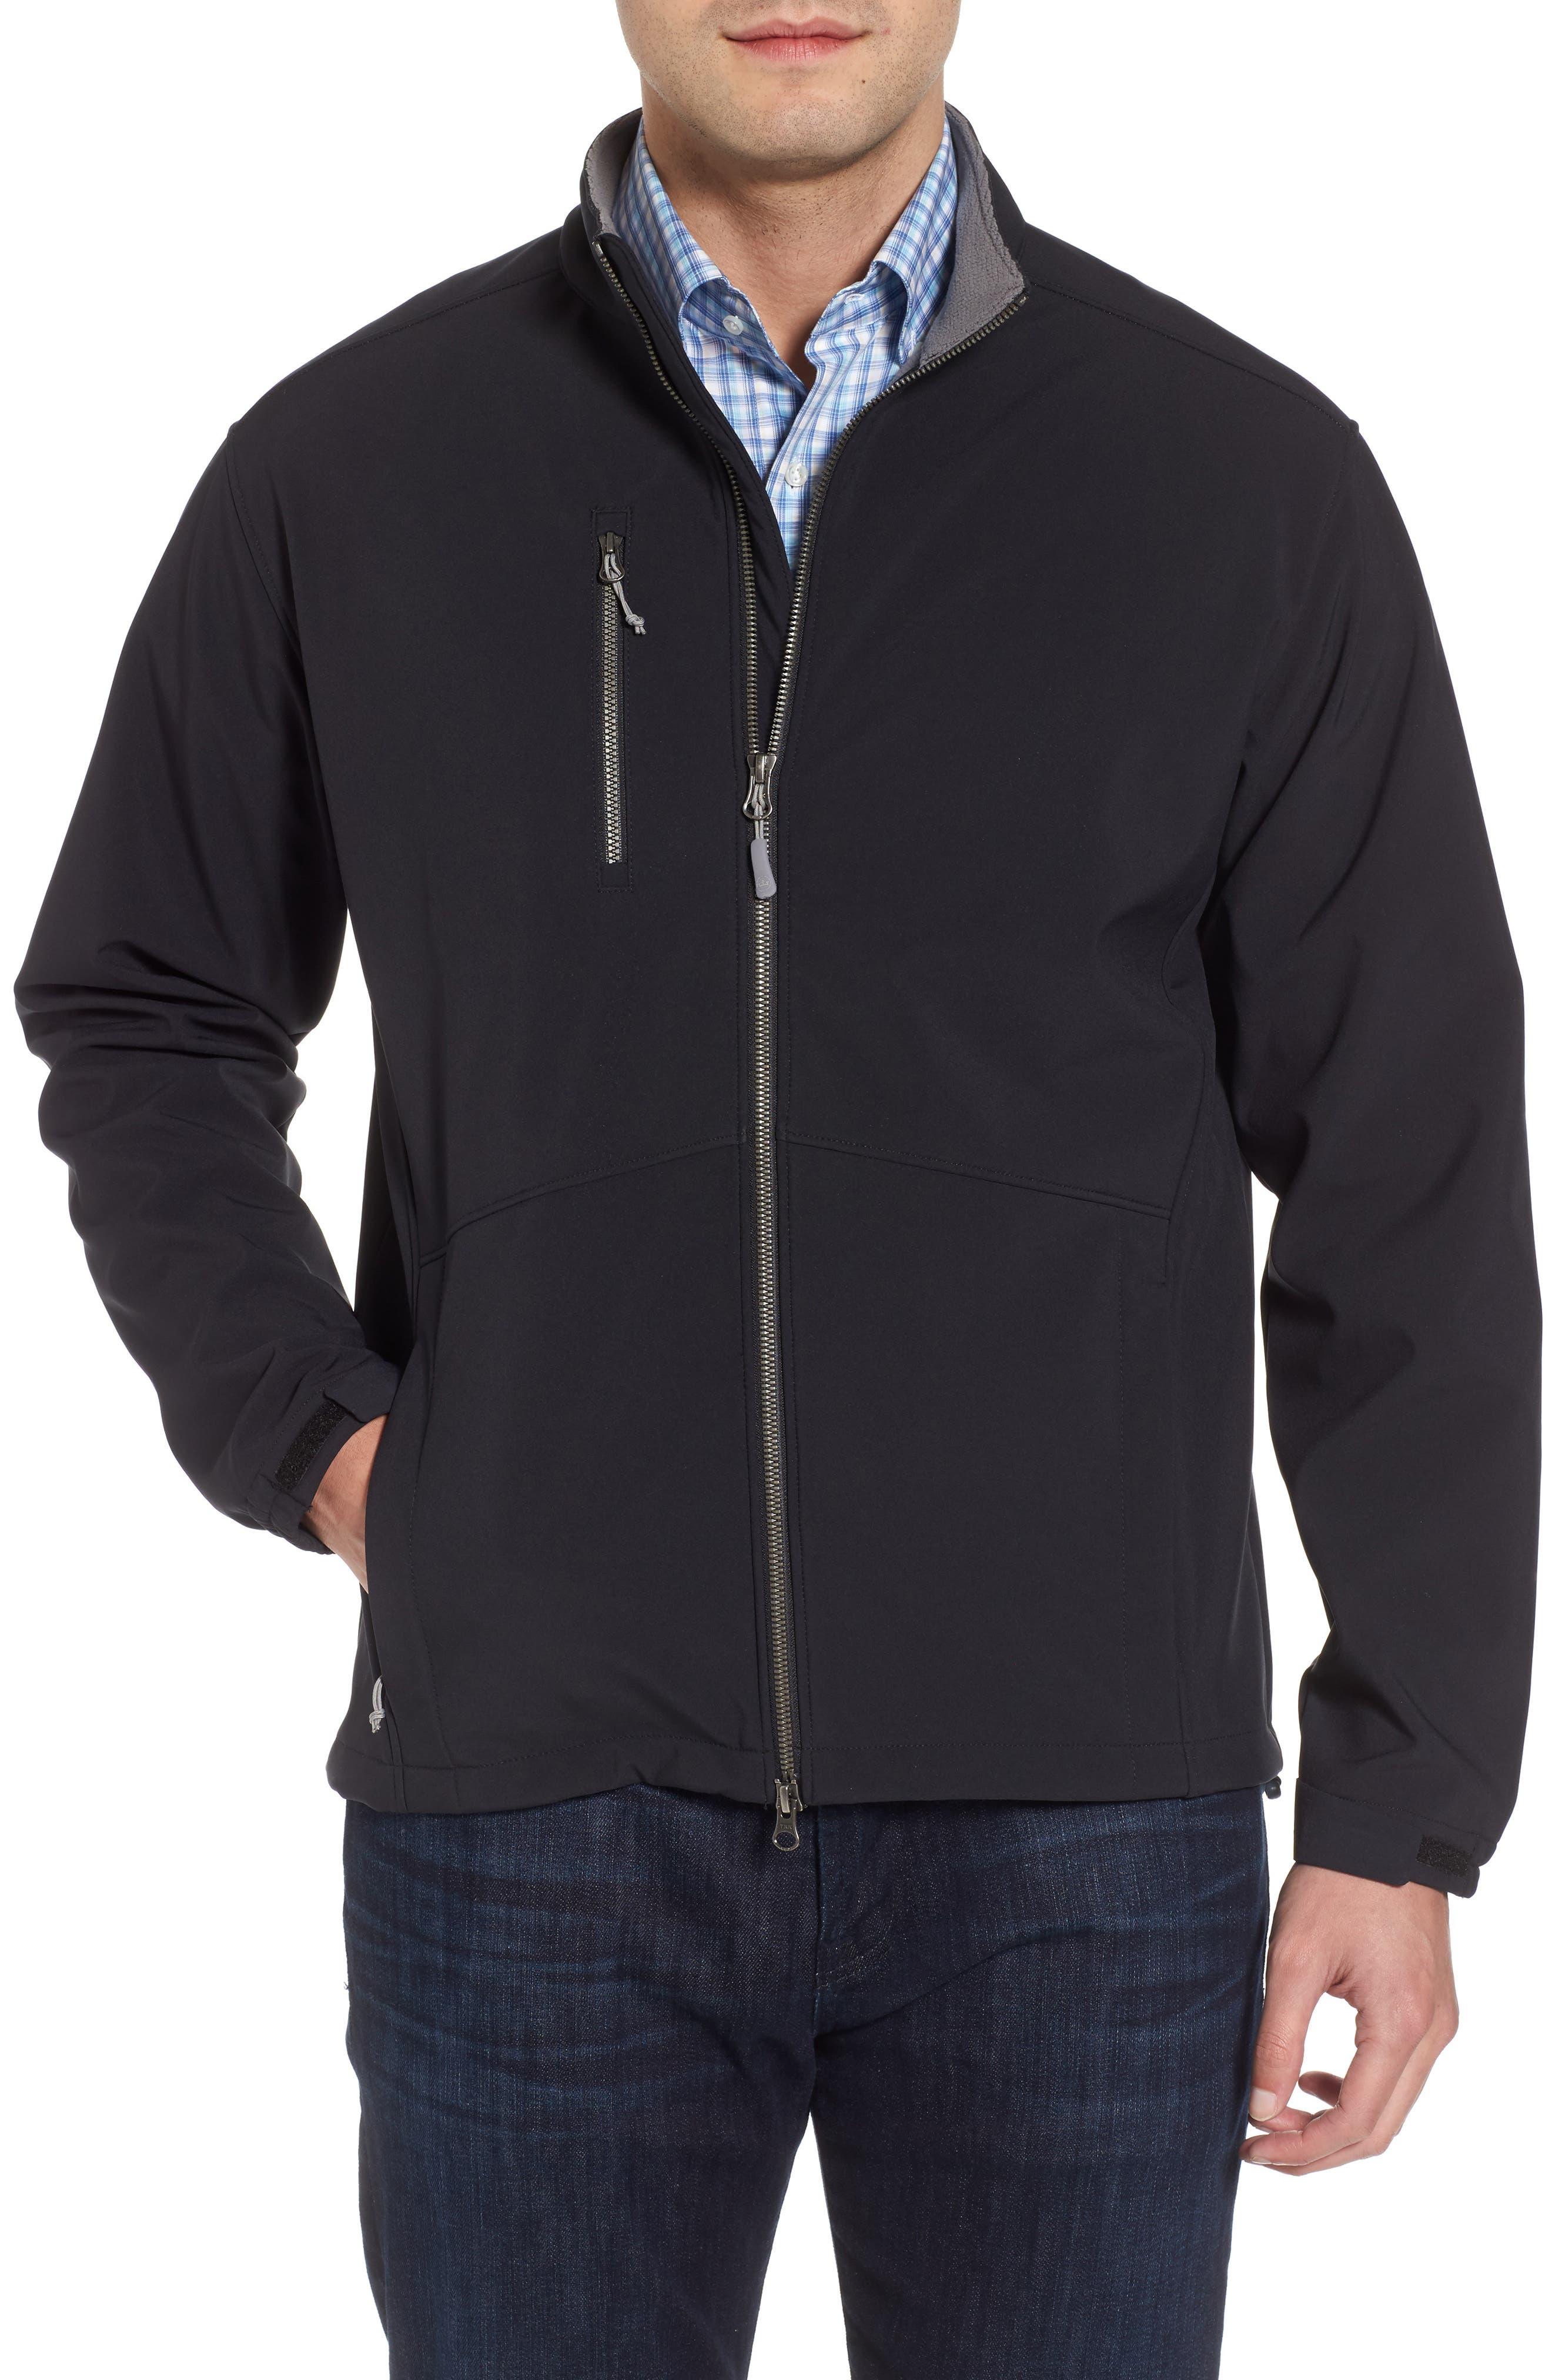 Anchorage 3-Layer Soft Shell Jacket,                             Main thumbnail 1, color,